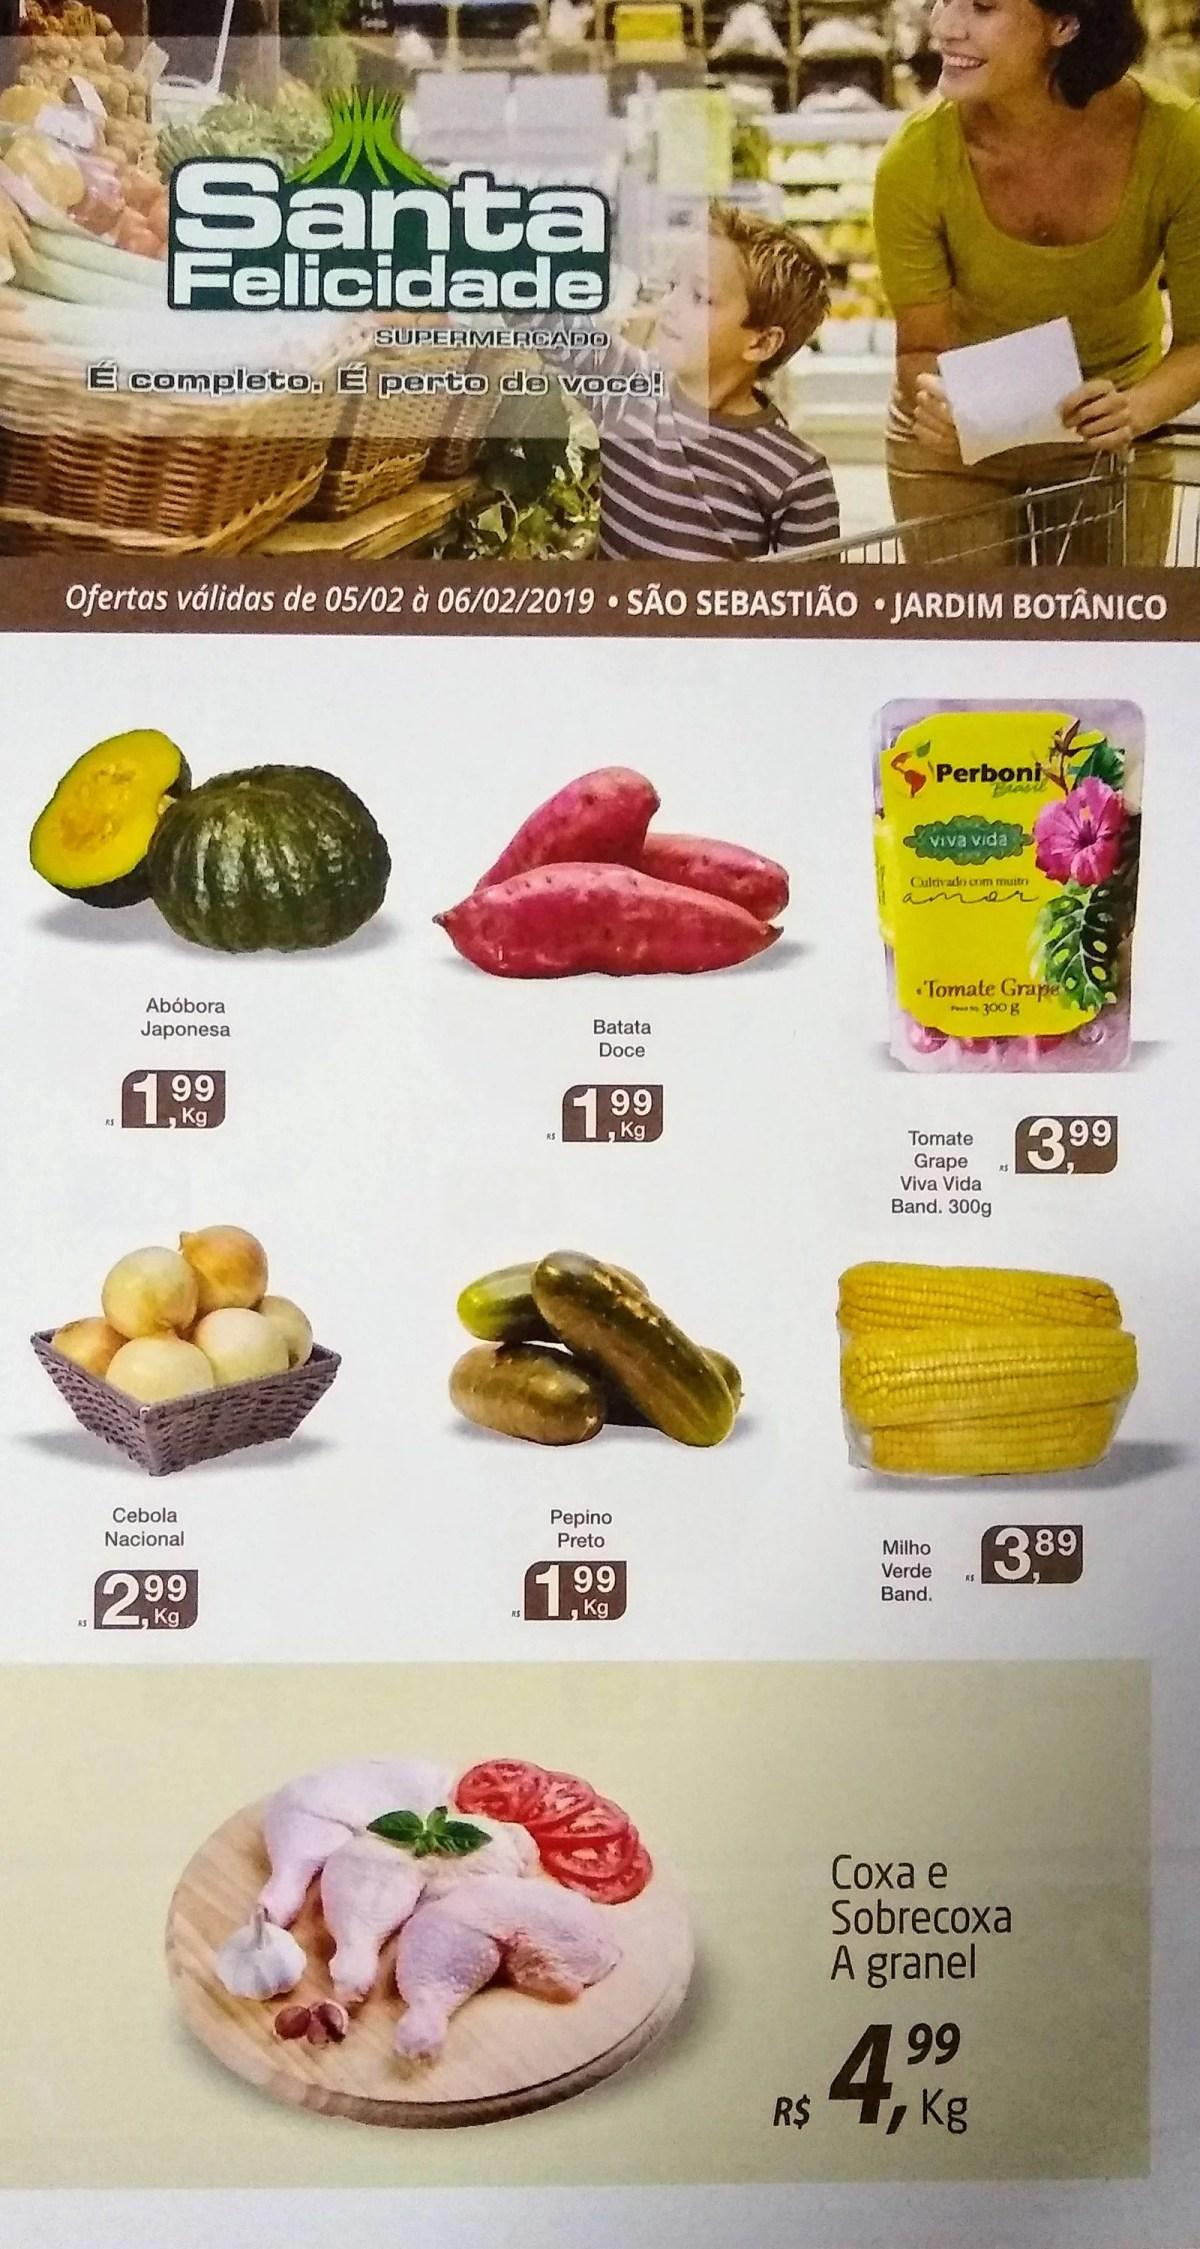 Ofertas Supermercado Santa Felicidade1